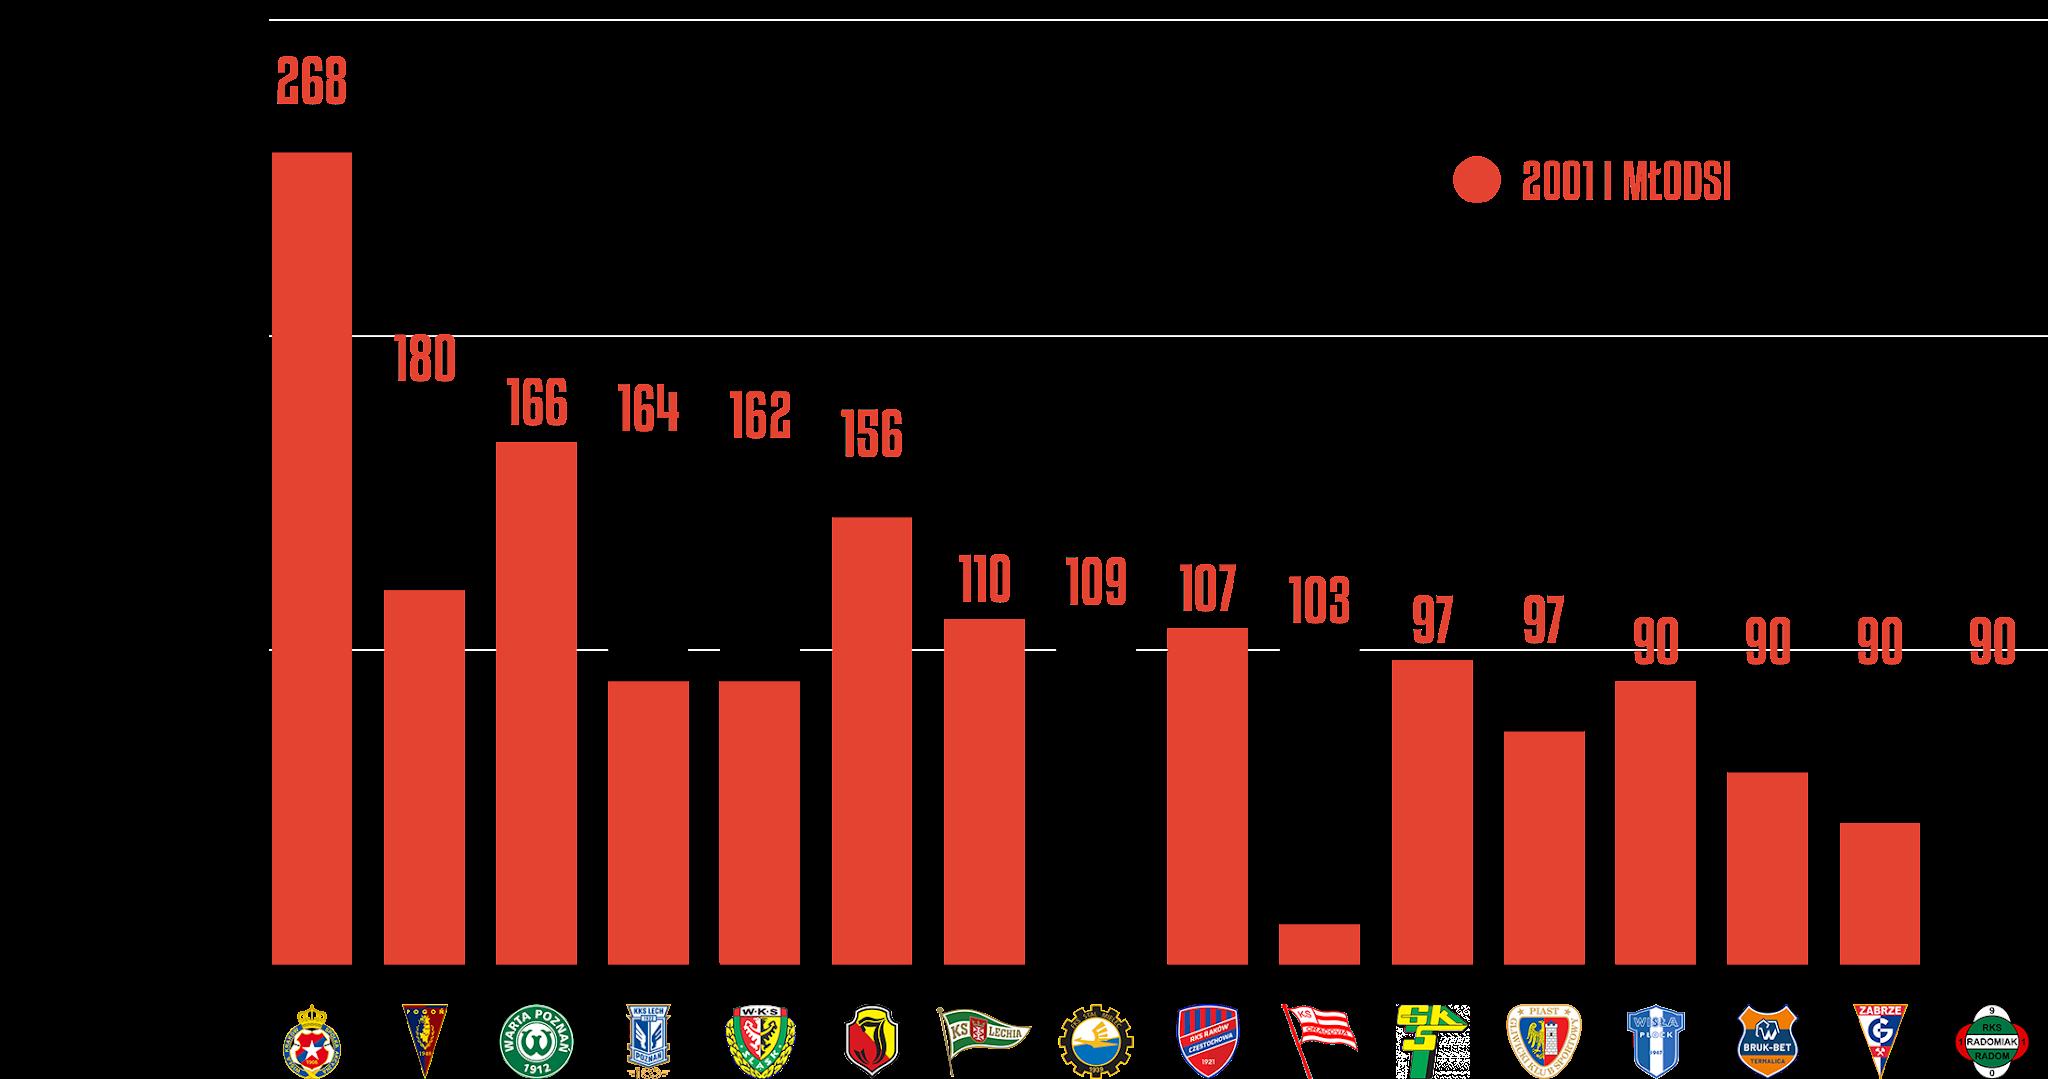 Klasyfikacja klubów pod względem rozegranego czasu przez młodzieżowców w3.kolejce PKO Ekstraklasy<br><br>Źródło: Opracowanie własne na podstawie ekstrastats.pl<br><br>graf. Bartosz Urban